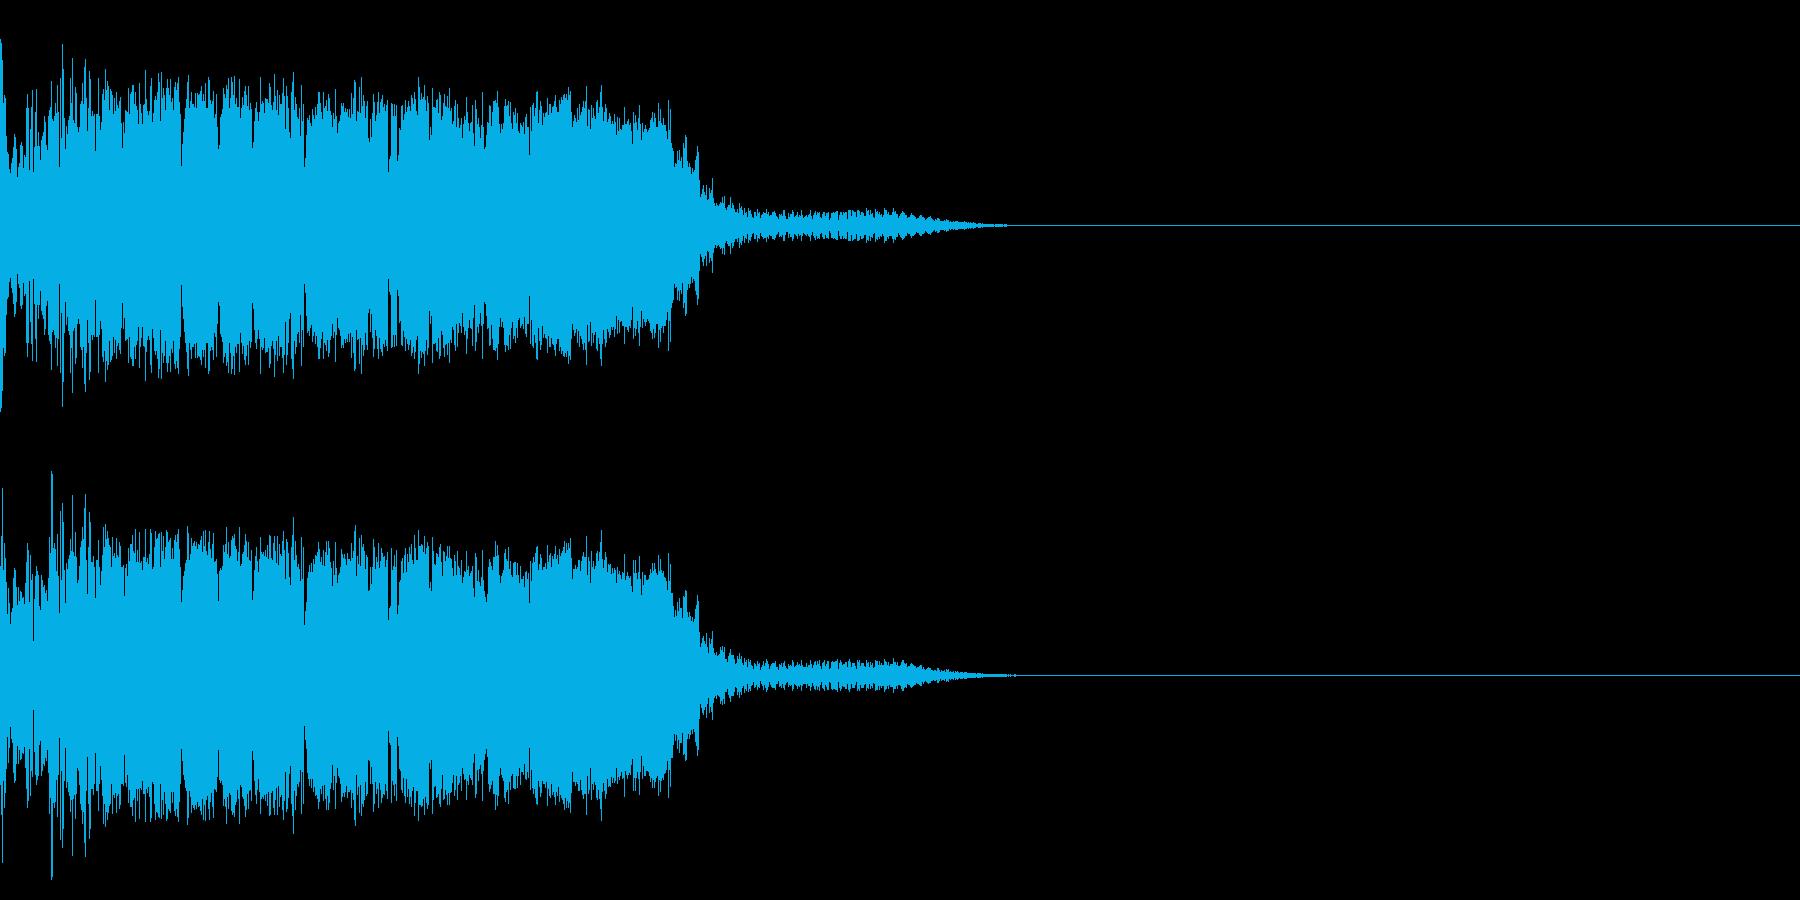 衝撃 金属音 恐怖 震撼 ホラー 40の再生済みの波形